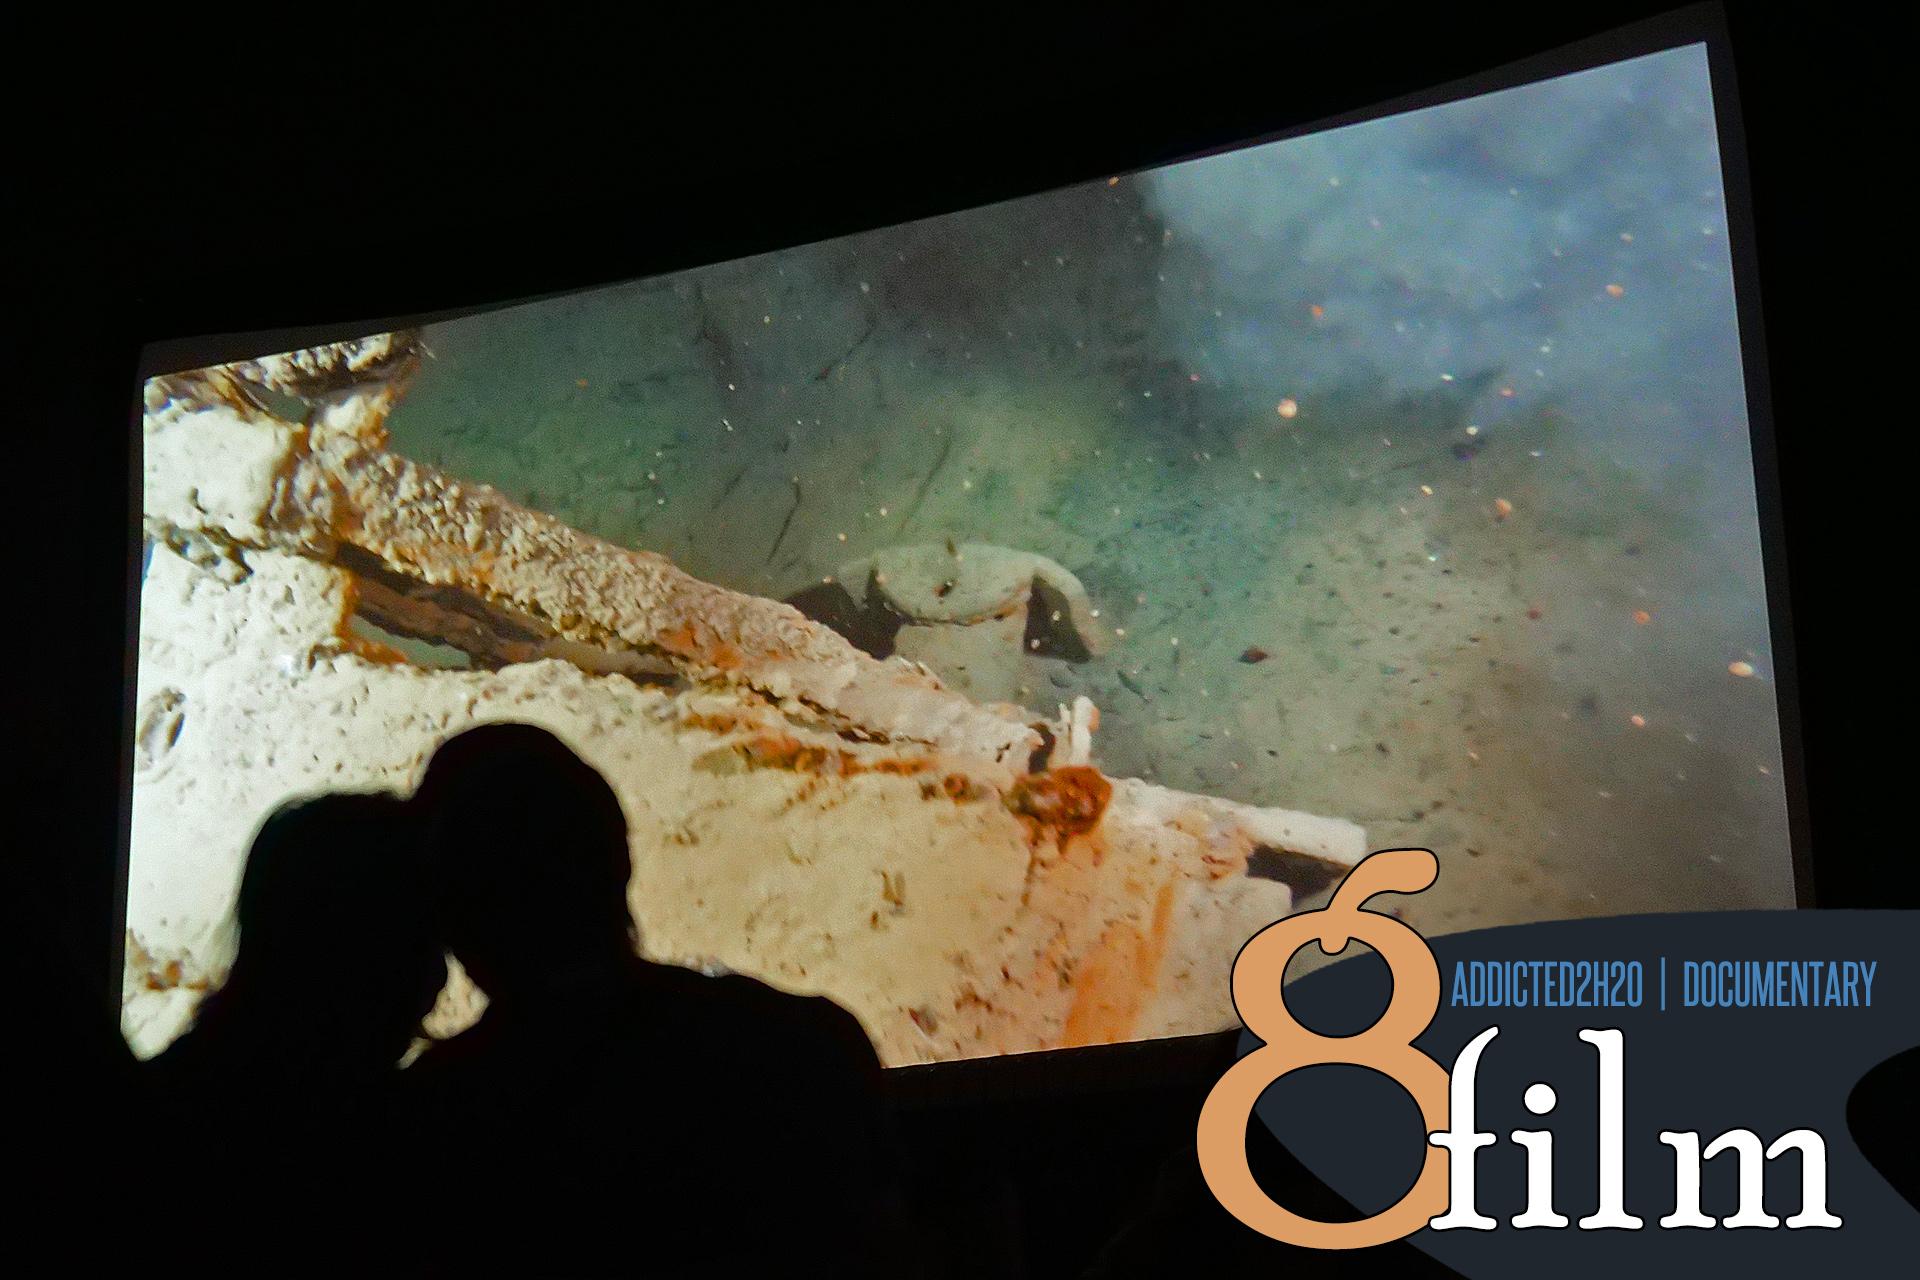 ADDICTED2H2O-CHRIS-GIATRAKOS-8FILM-PRODUCTIONS